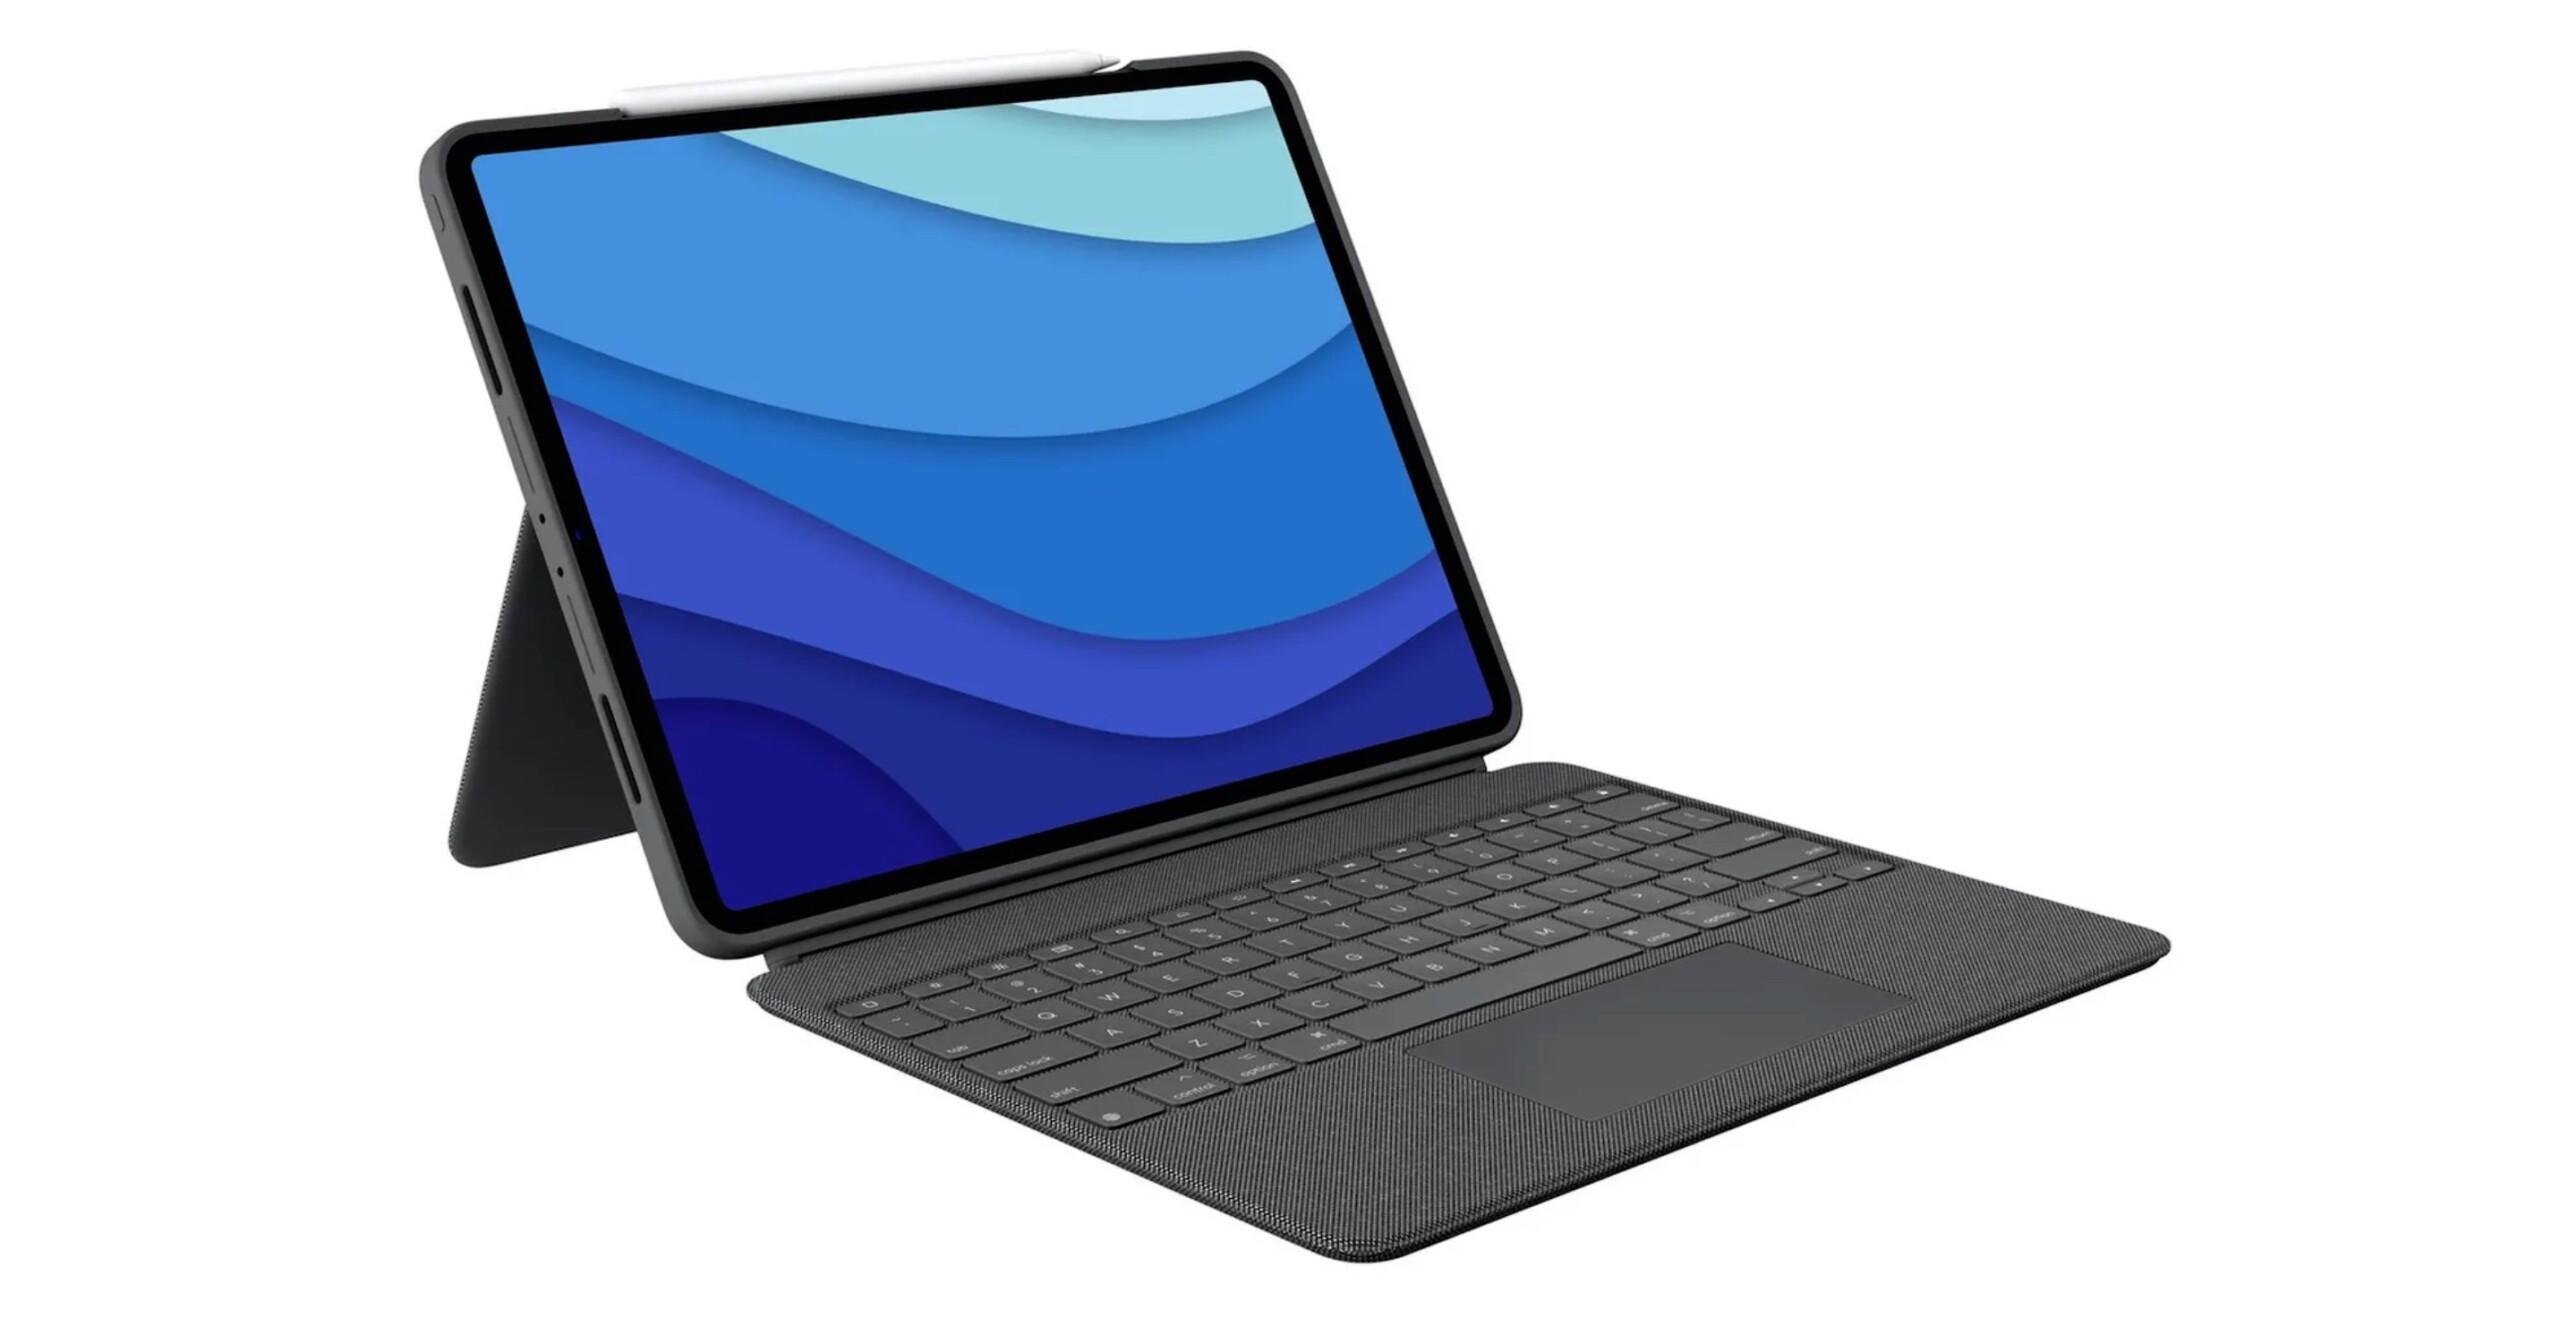 Voici le Combo Touch, une alternative plus rudimentaire, mais moins coûteuse, au Magic Keyboard